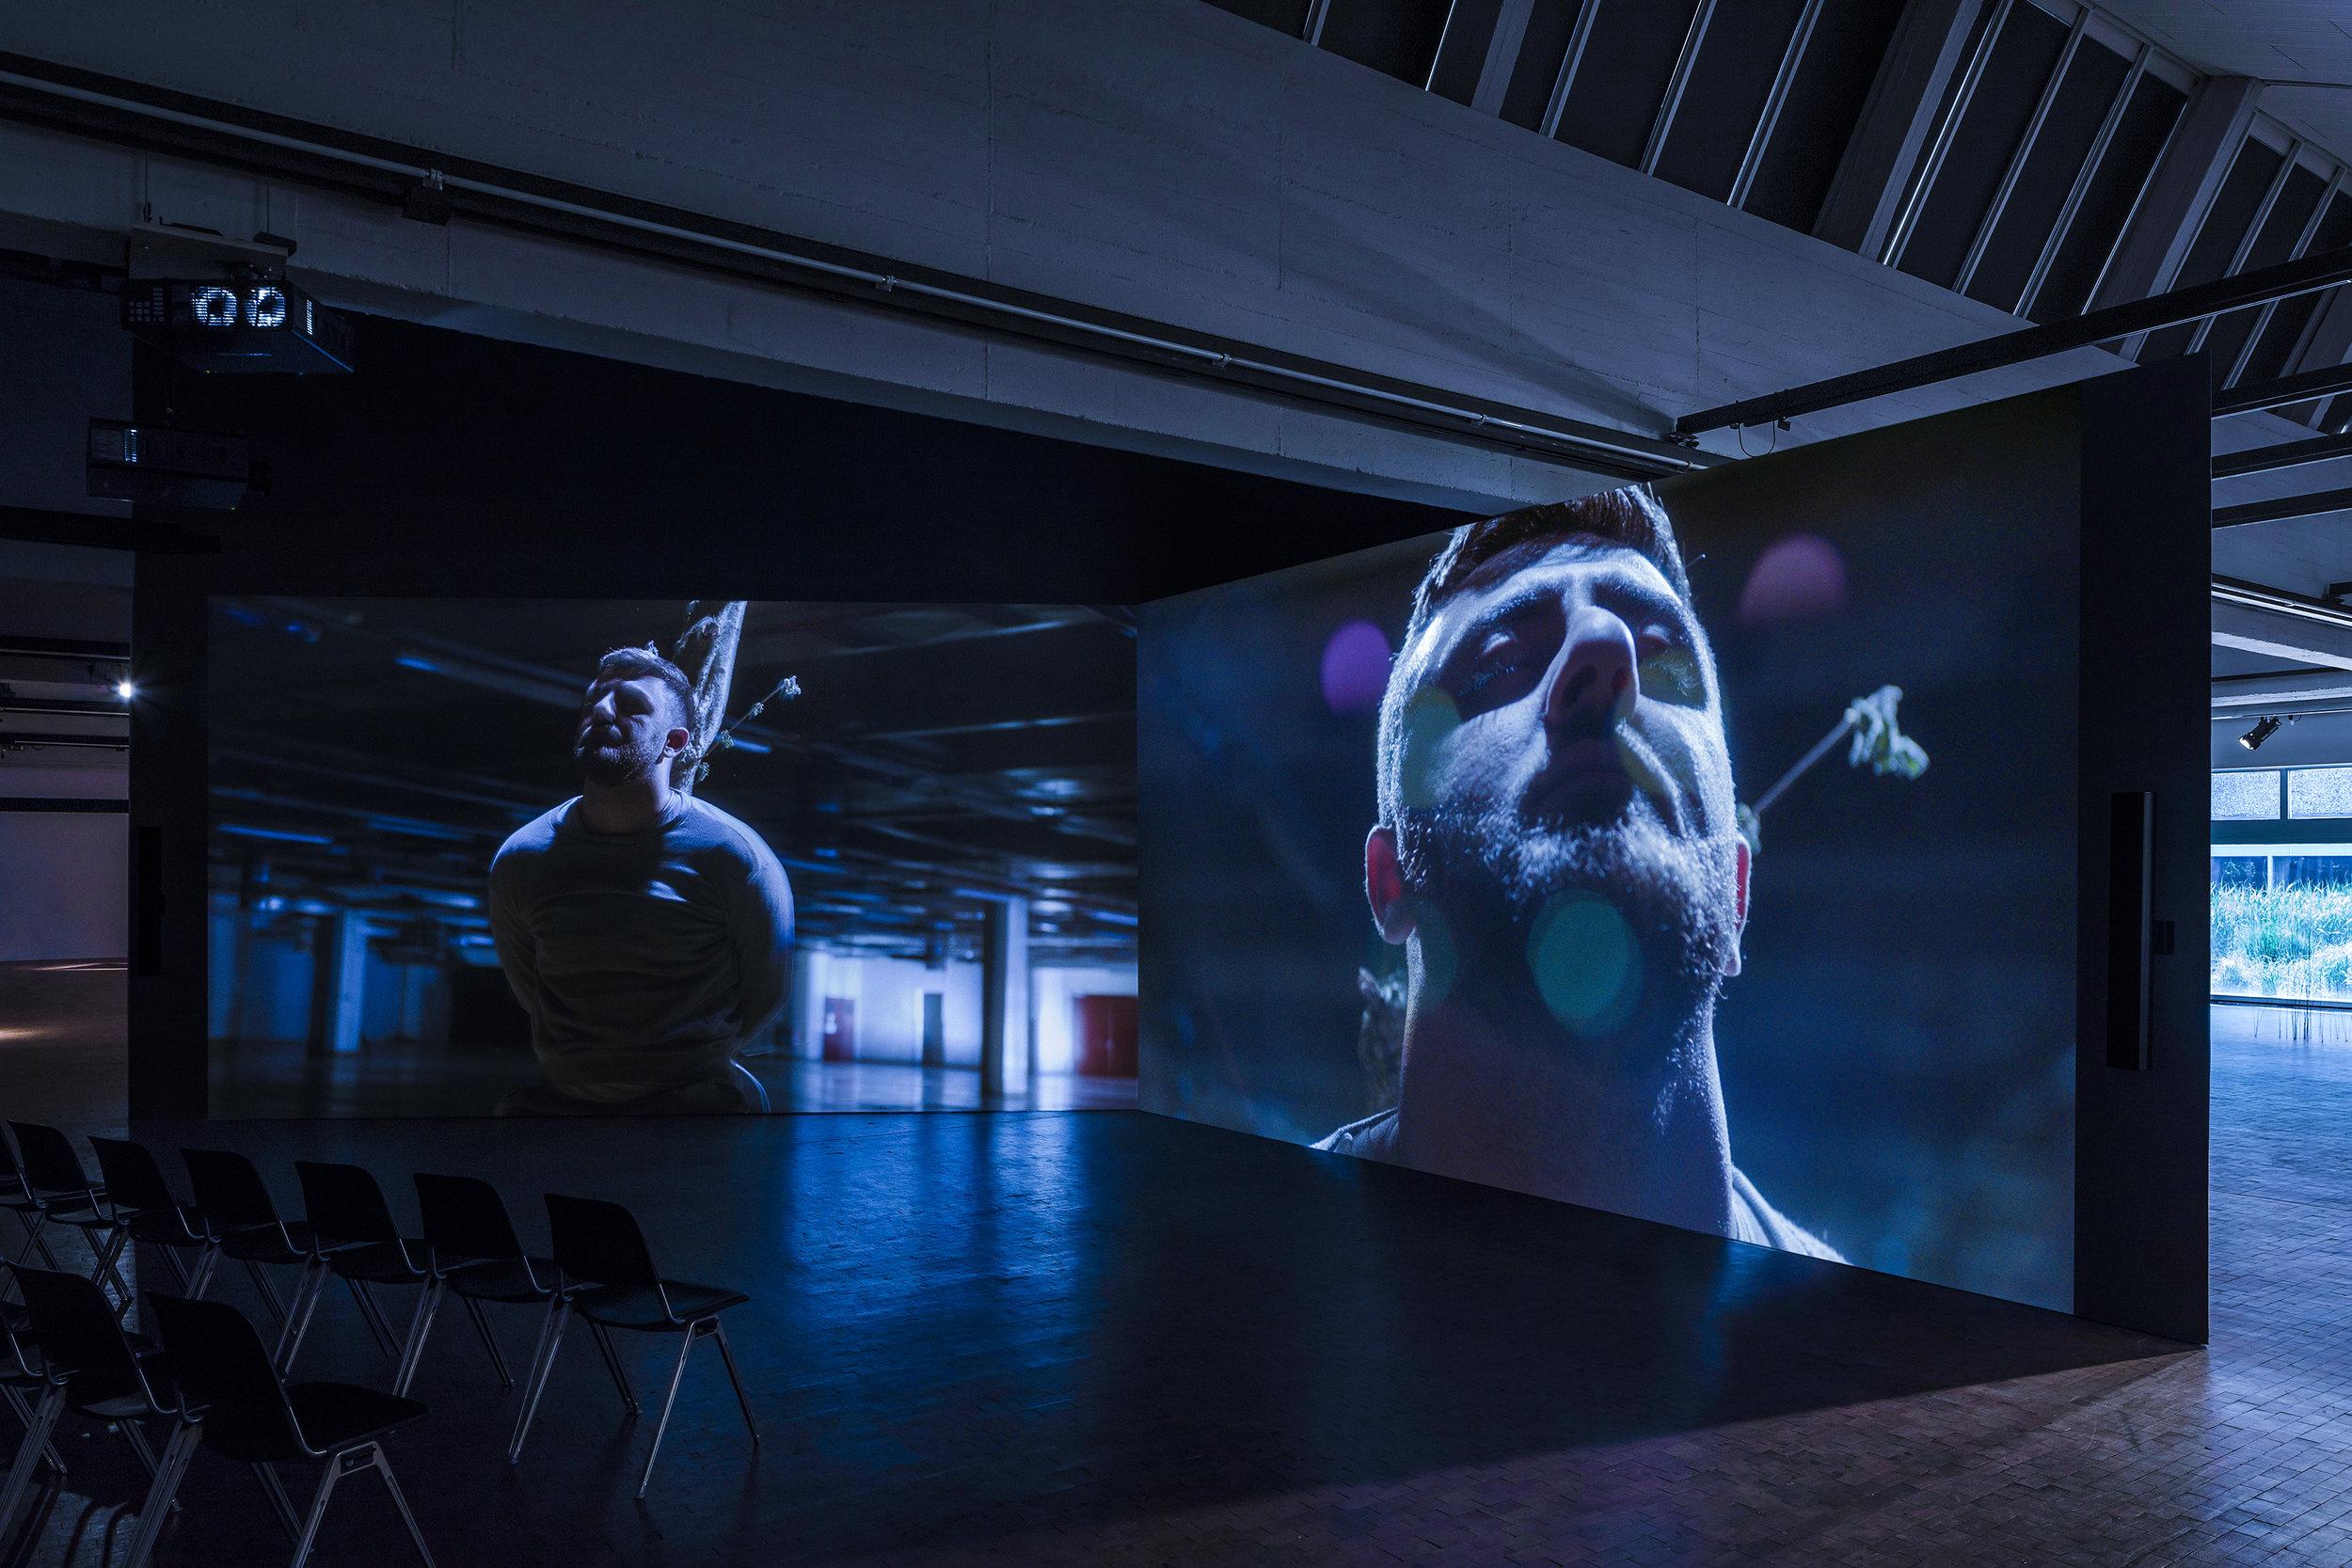 Installation View Akademie der Künste – 10. Berlin Biennale © Timo Ohler / Berlin Biennale, 2018